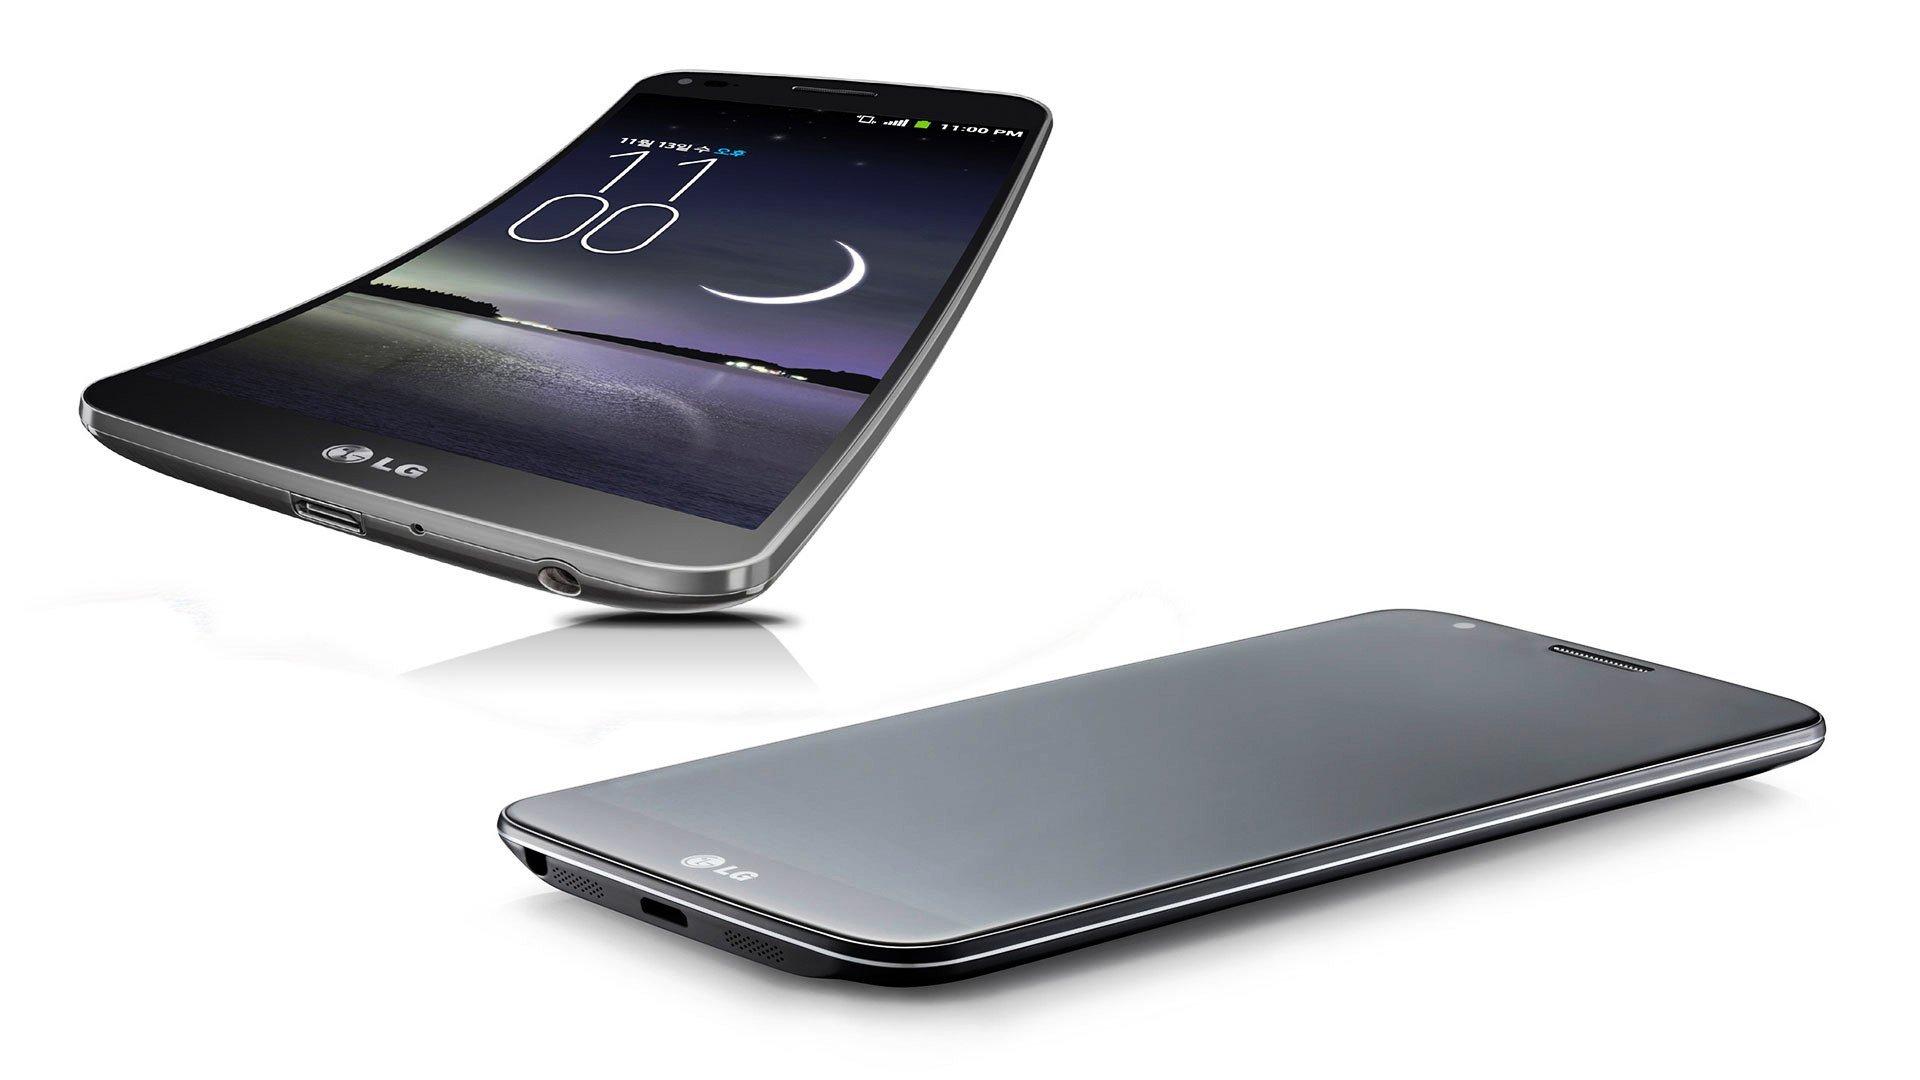 Điện thoại màn hình cong LG G FLEX giảm giá sốc 2 triệu đồng 6